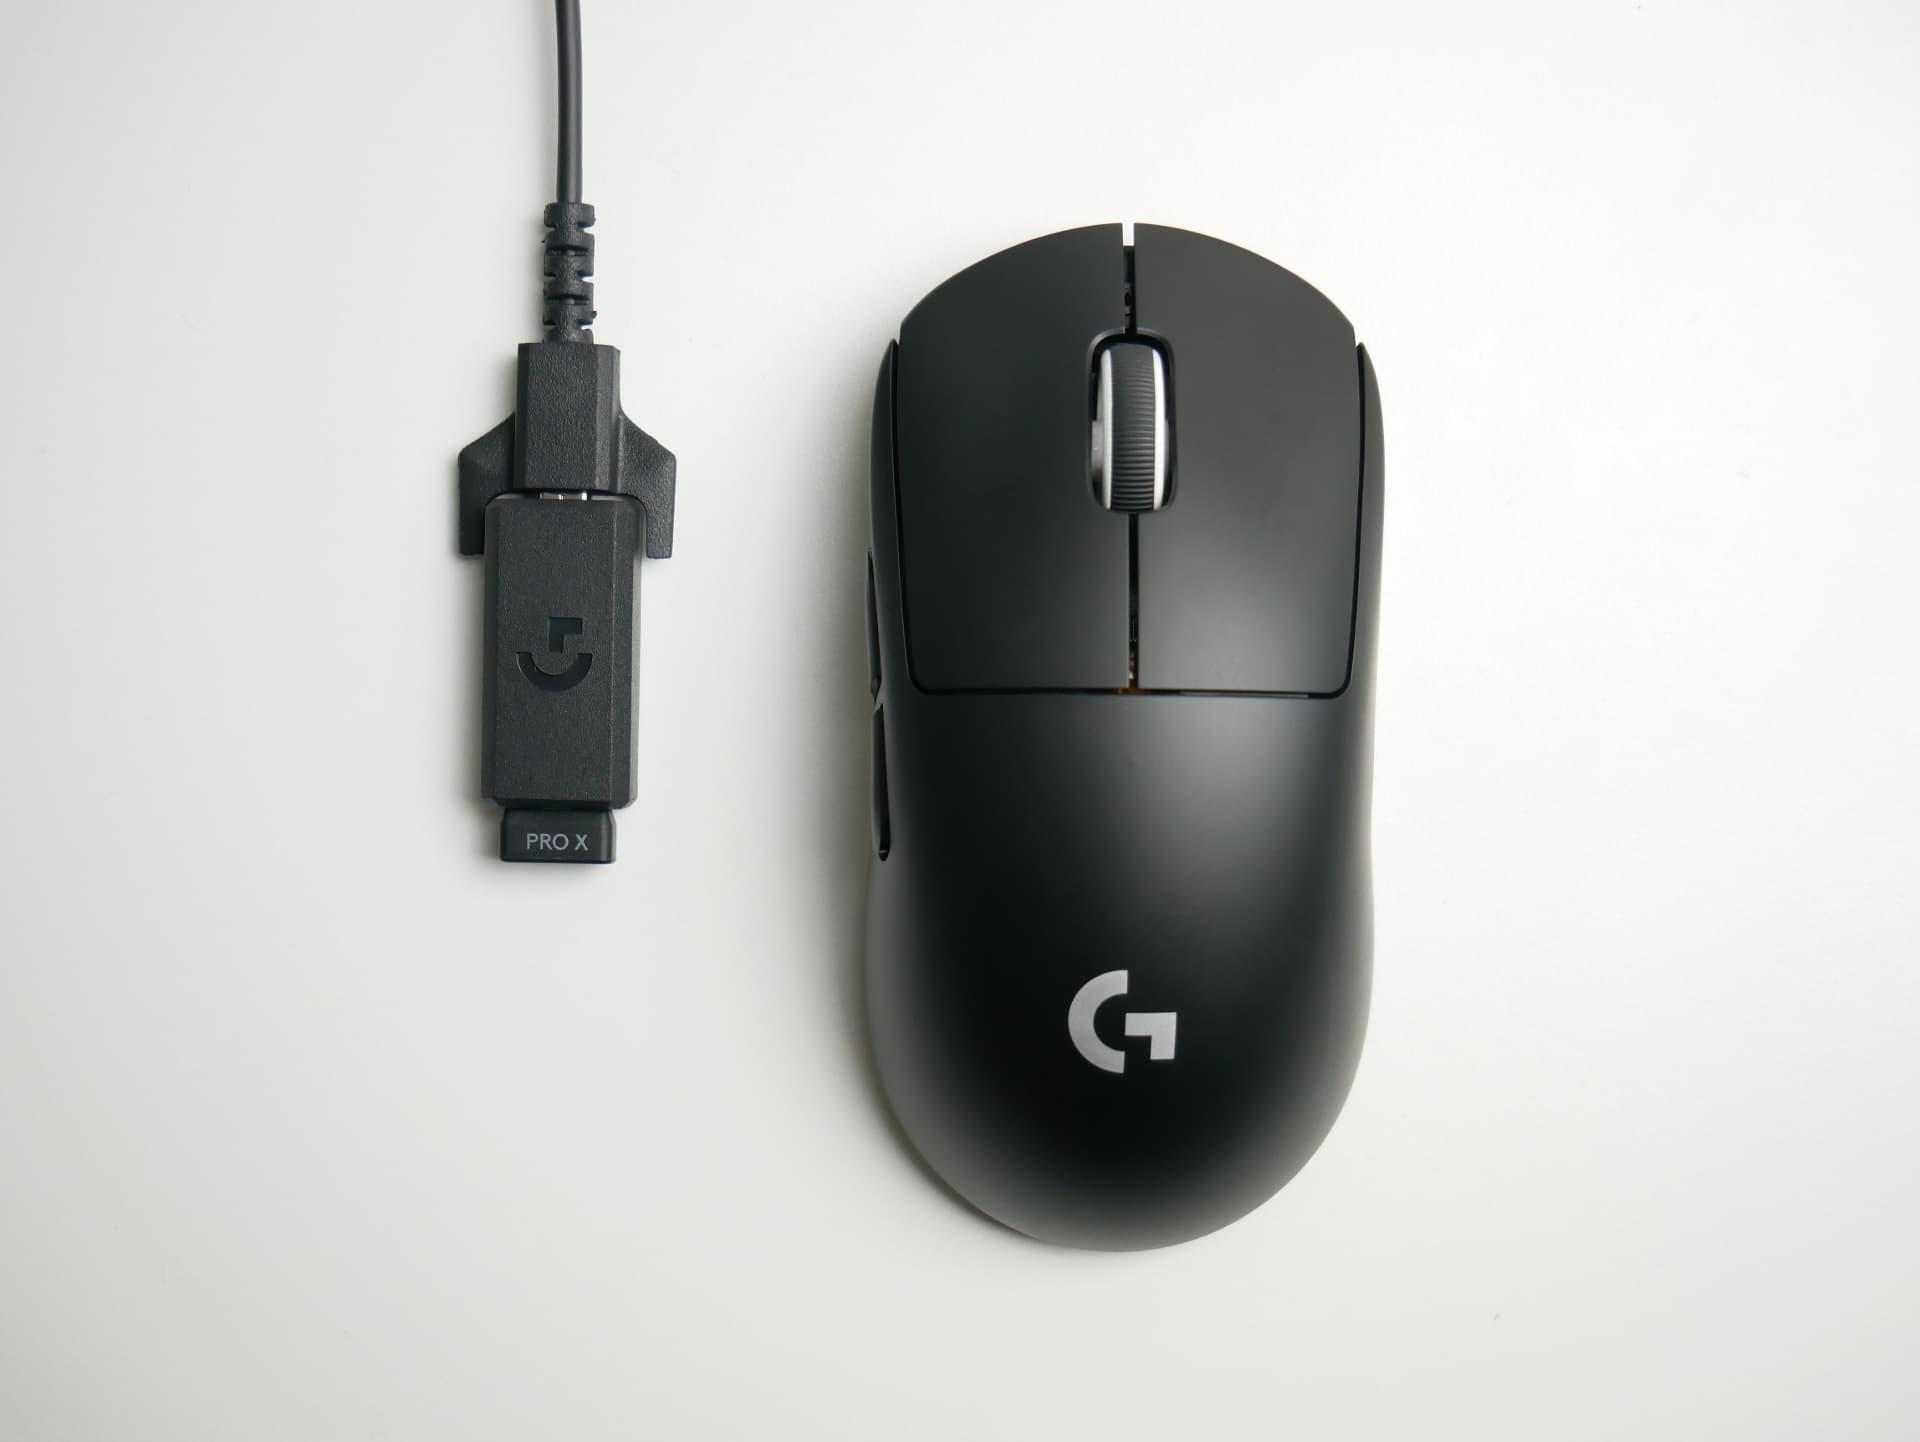 「Logicool G Pro X Superlight」レビュー。シンプルな形状の最軽量ワイヤレスマウス